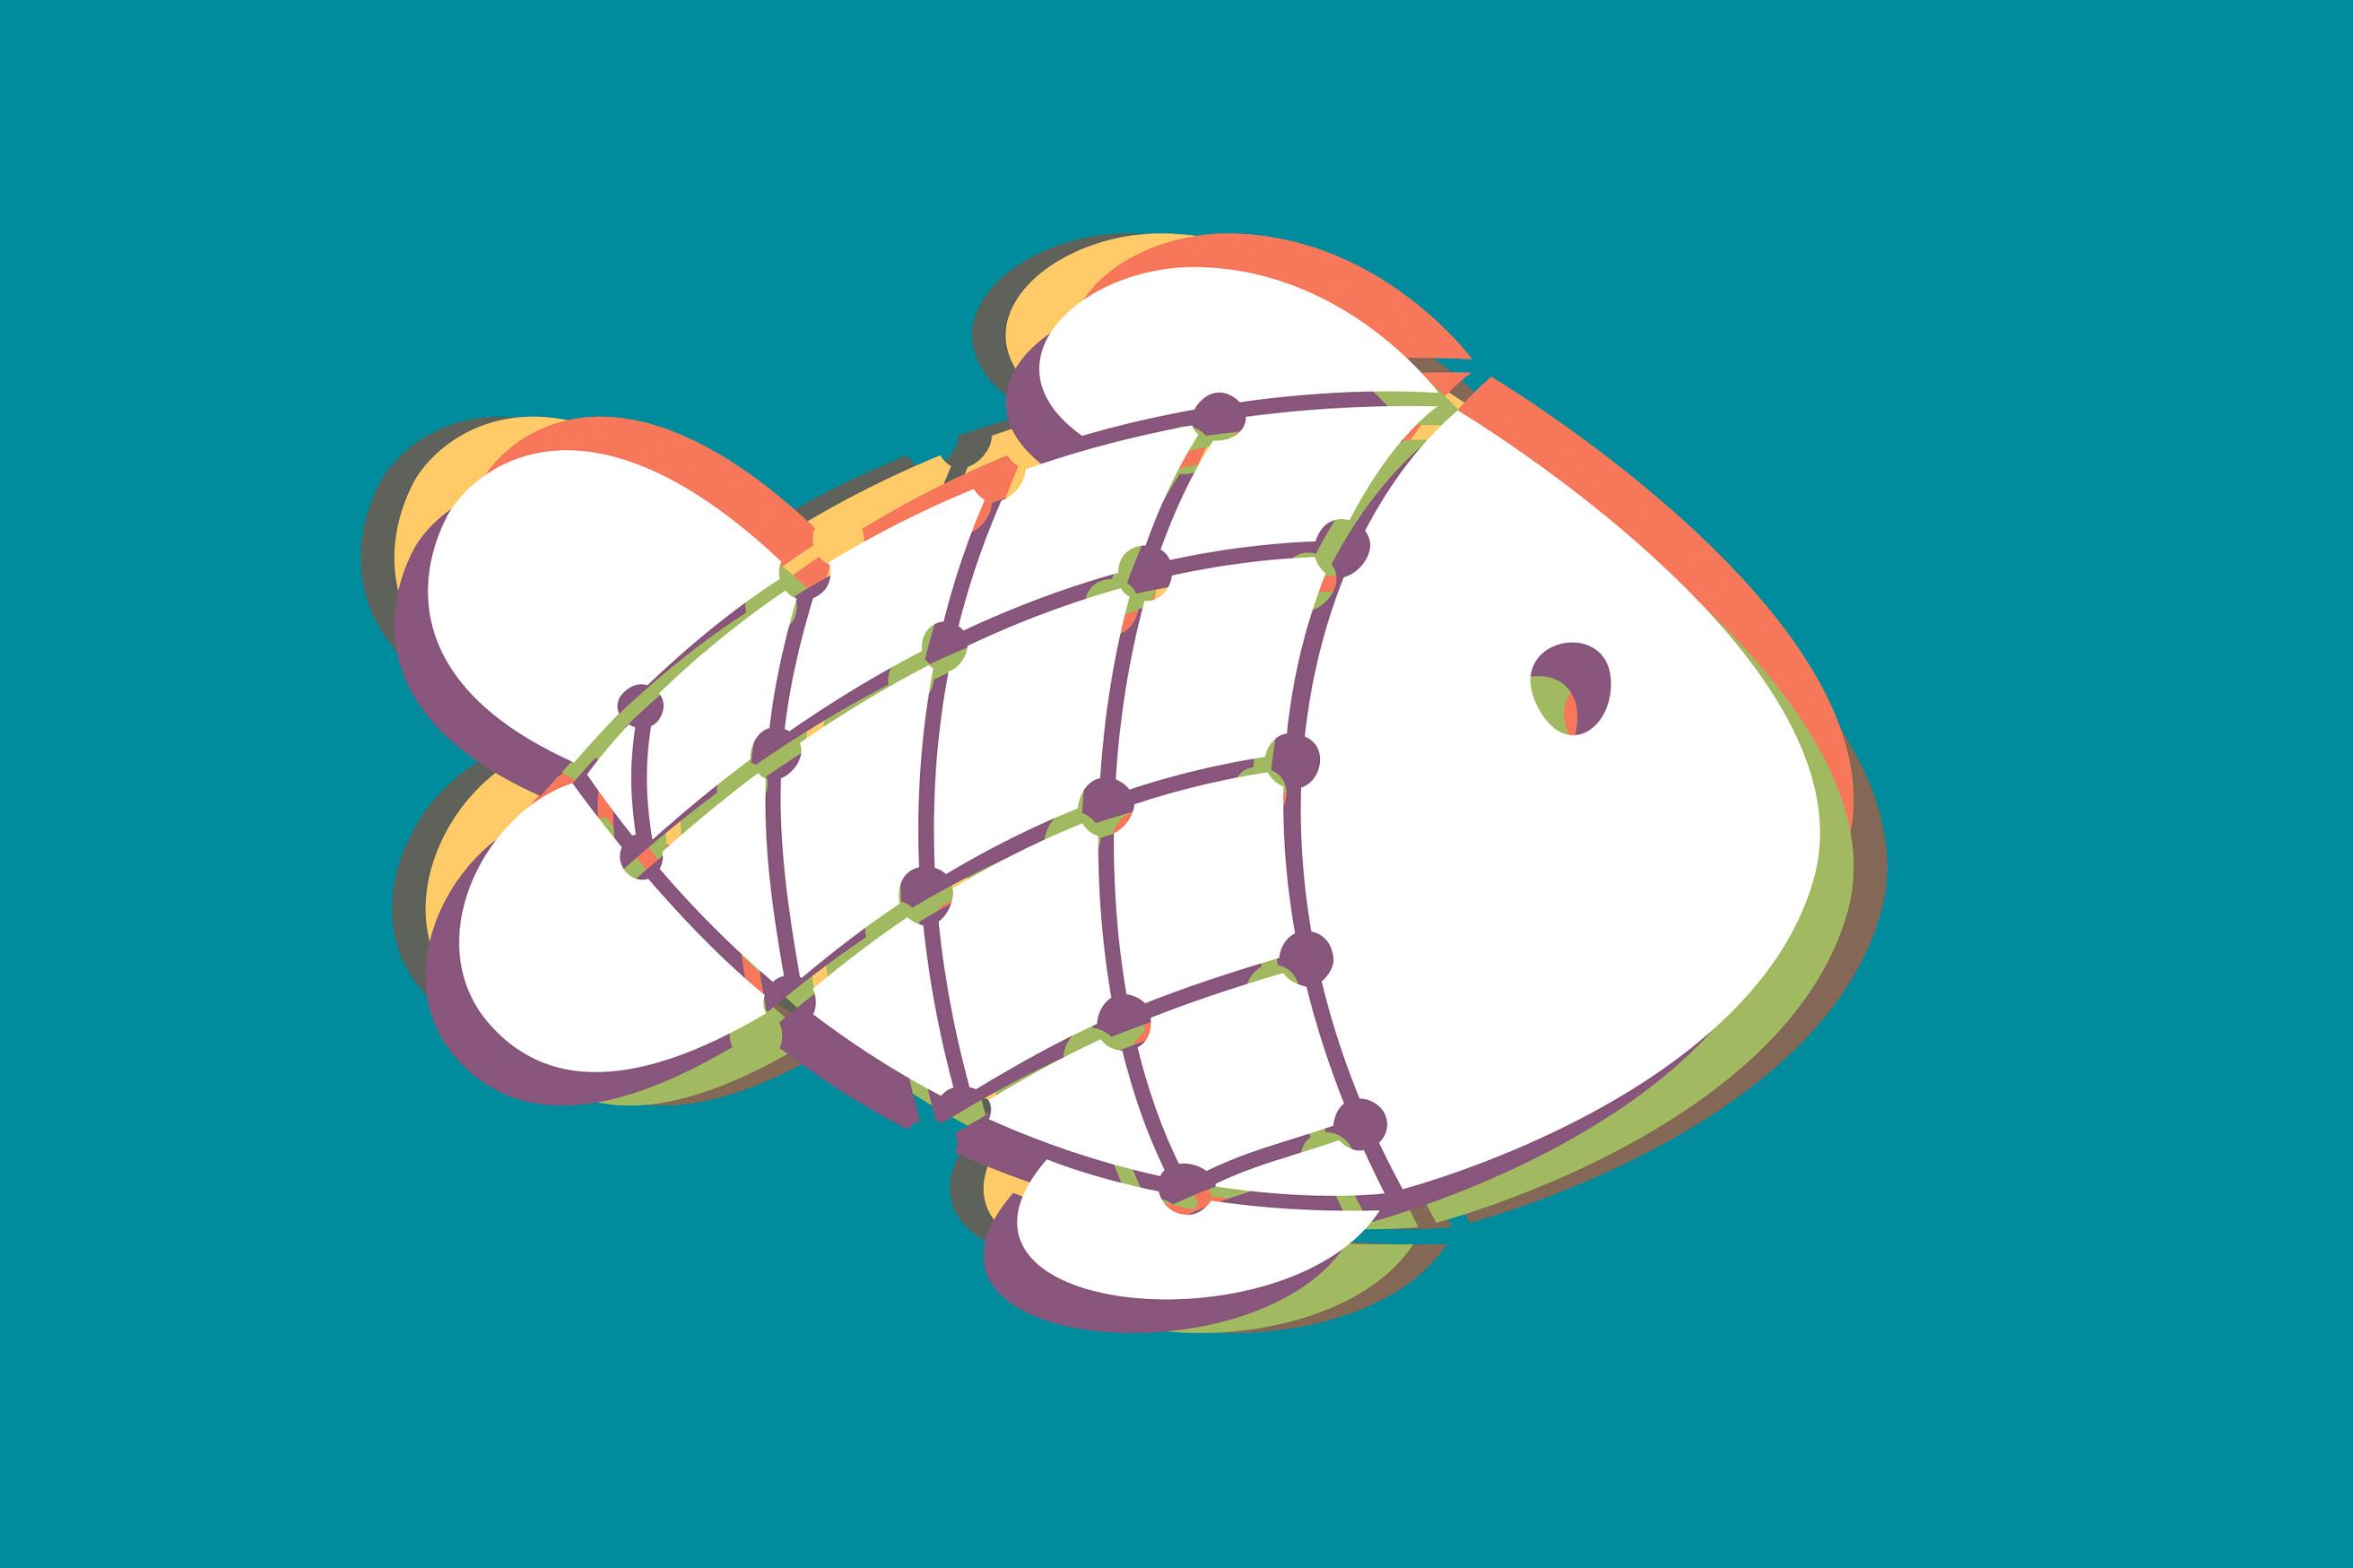 Fisch als neues Logo der Gemeinde St. Peter (Mainz)